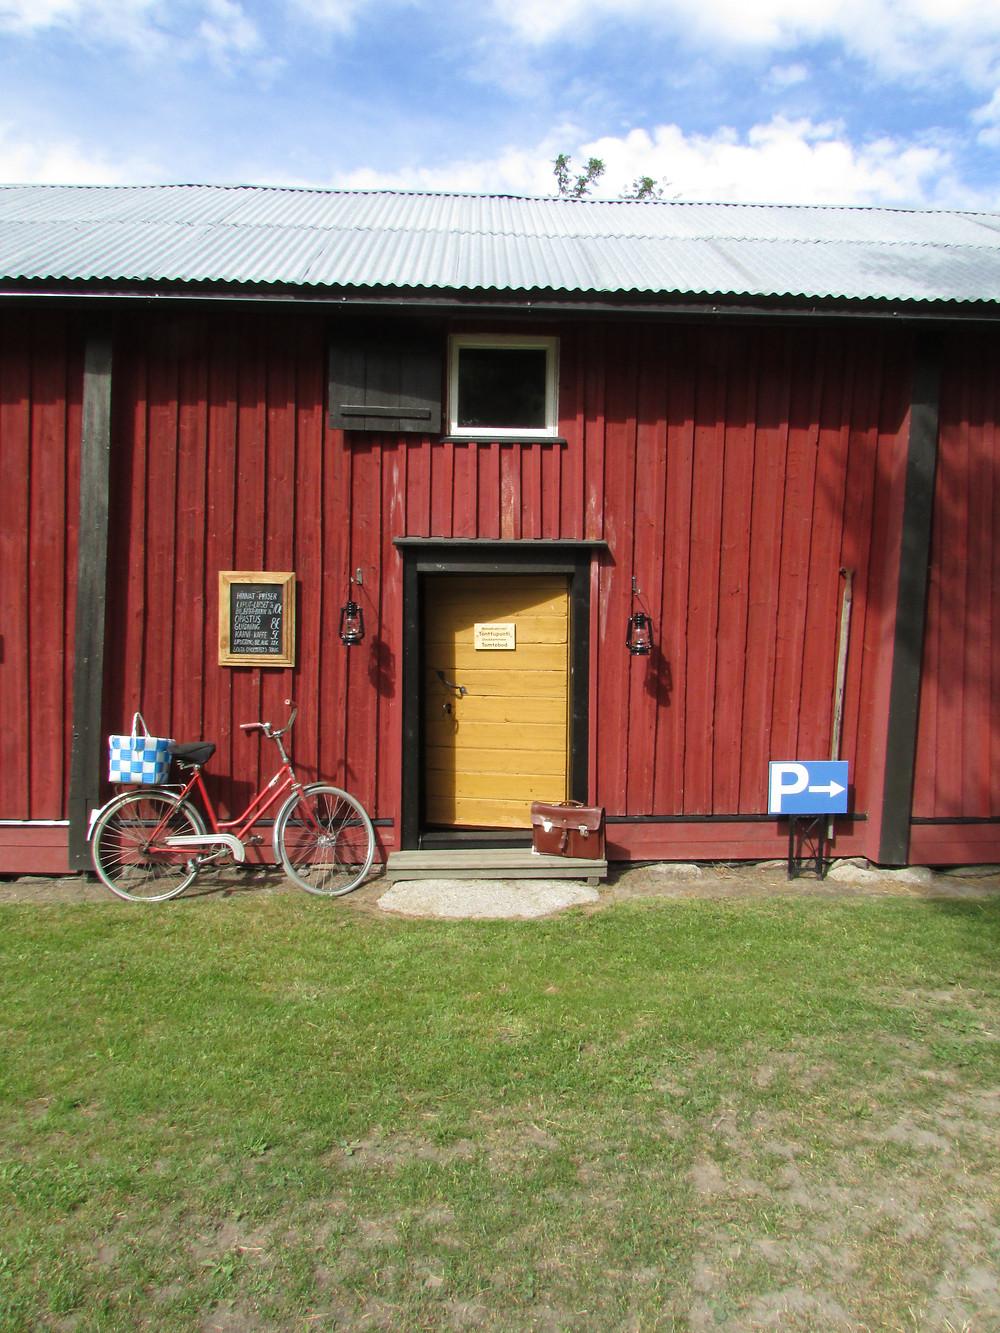 Piha, vanha pihapiiri, ulkorakennus, koti, omaisuus, punainen, seinä pintalaudoitus, ikkunaluukku, makasiini, vanha ovi, taulu, ilmoitus, ruoho, pyörä, mummonpyörä, vanha kapsäkki, parkkipaikka, ilmoitustaulu, peltikatto, keltamulta